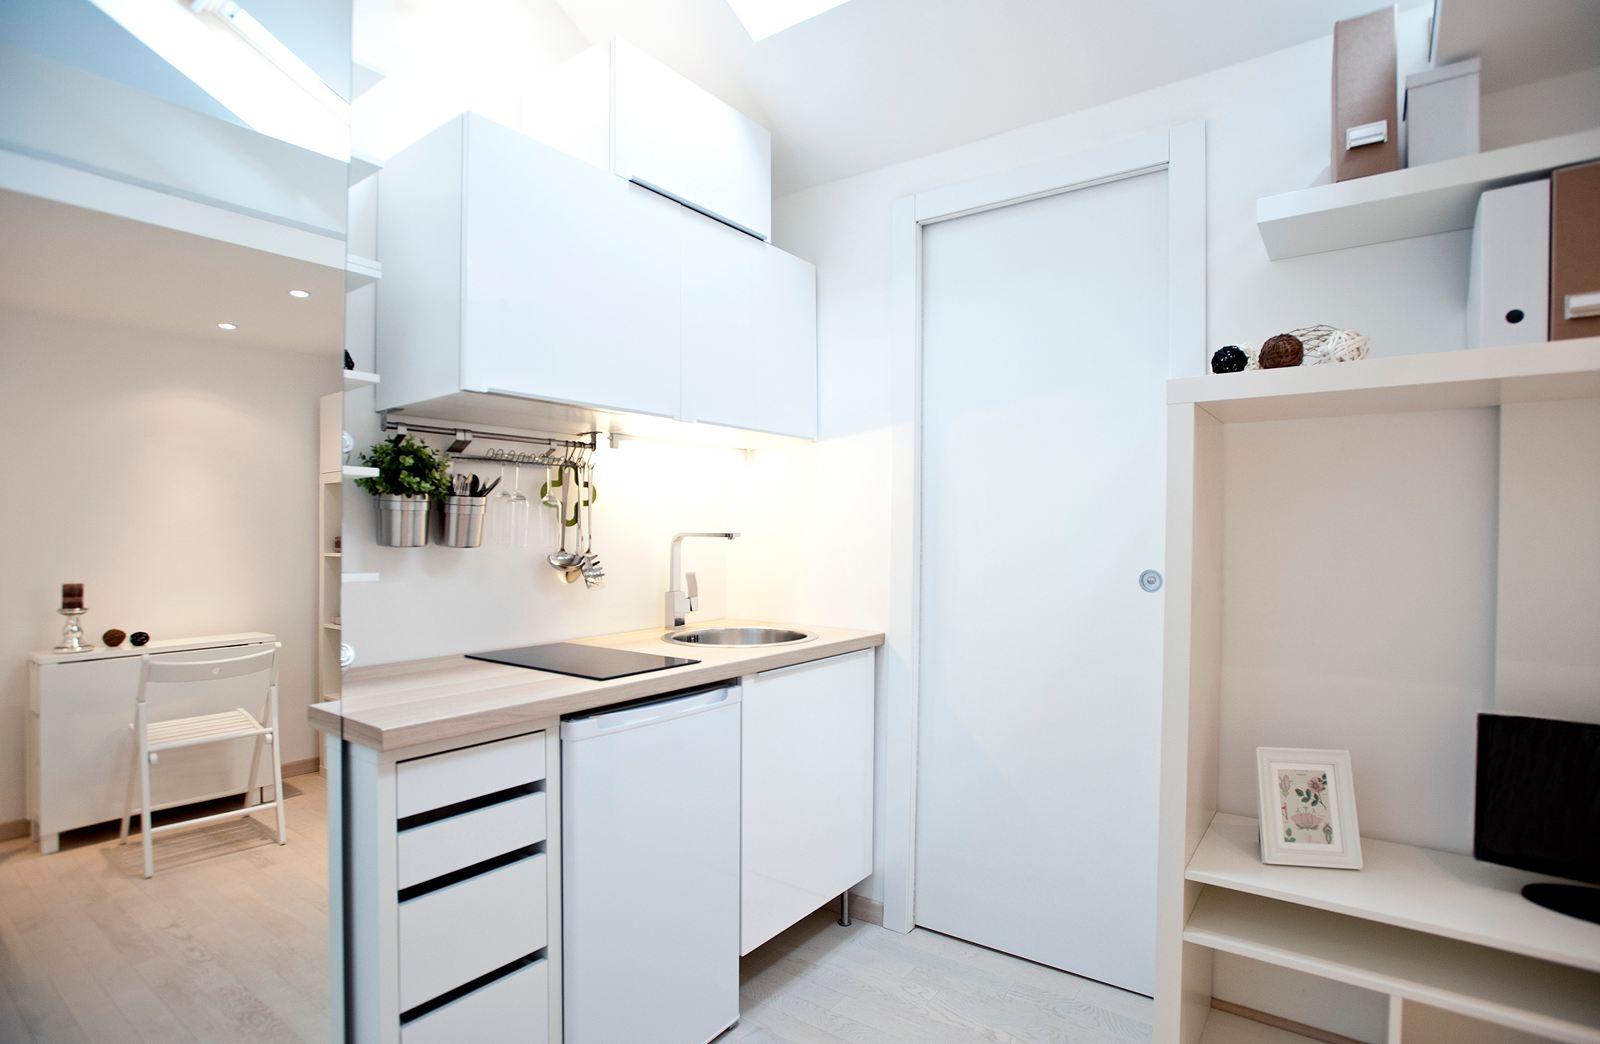 Un monolocale in mansarda a milano for Appartamenti barcellona 20 euro a notte